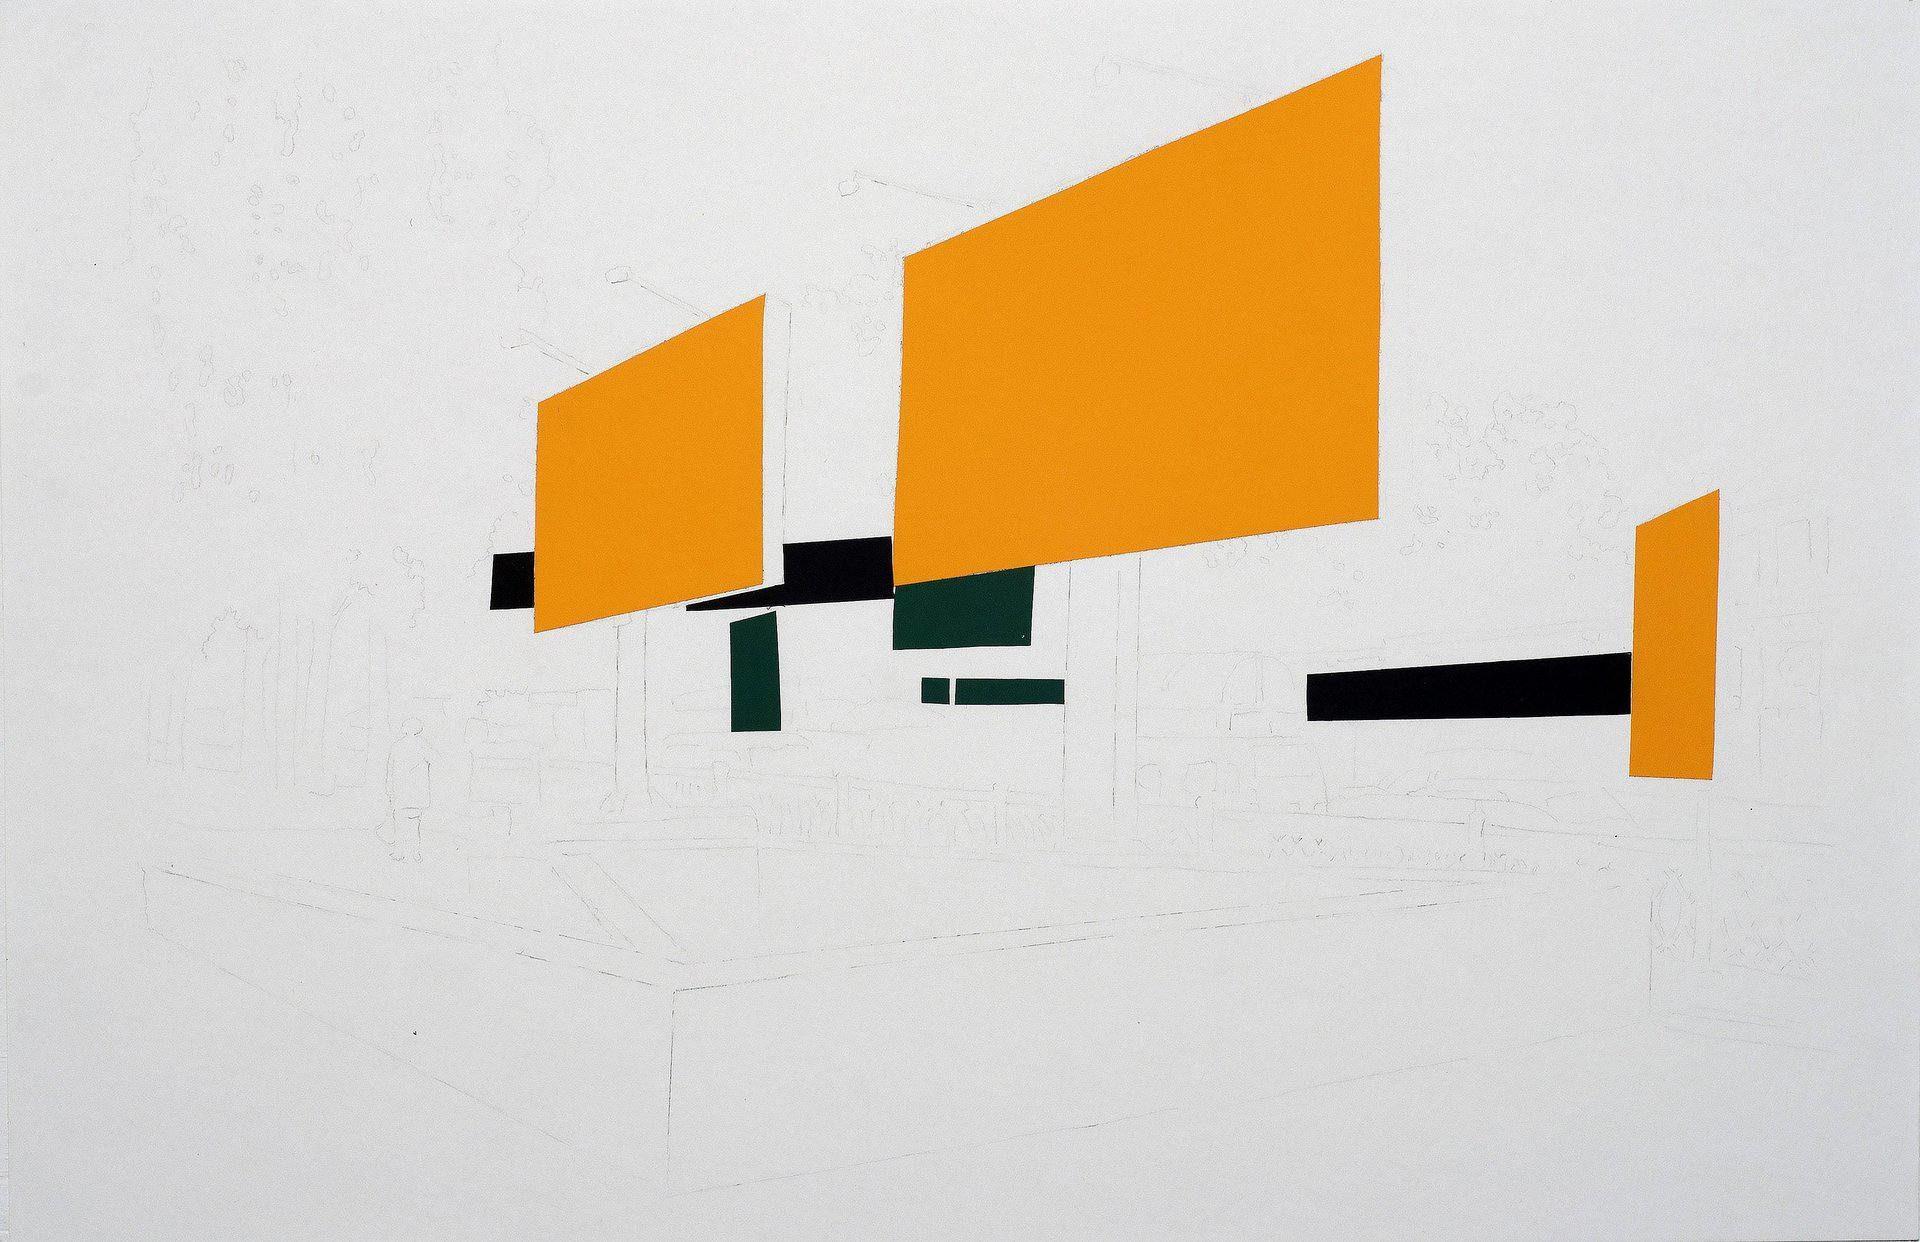 Nikita Kadan, The Surfaces 10, 2010–2013